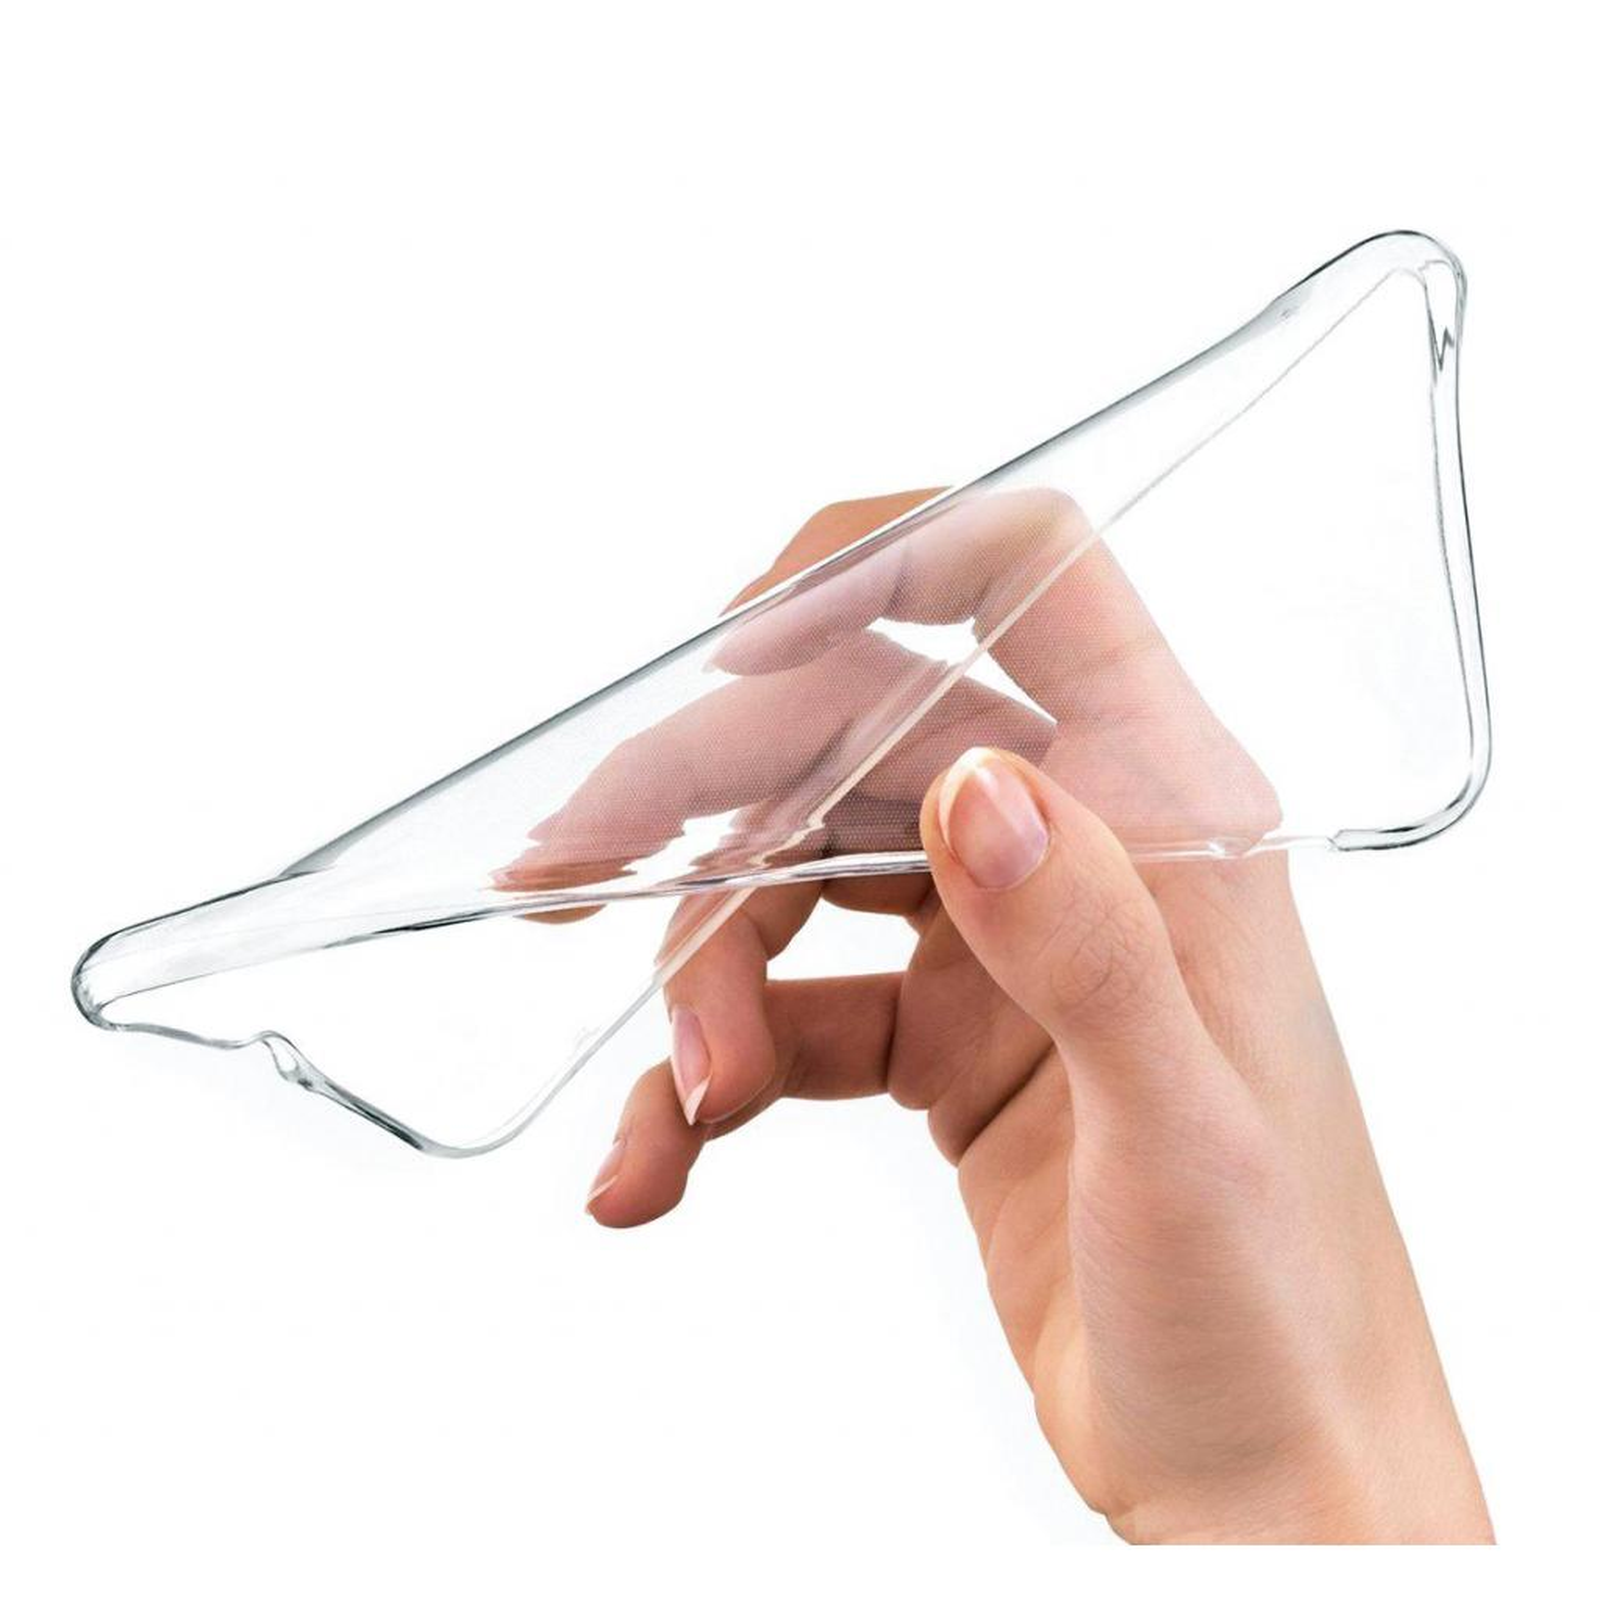 Чехол для моб. телефона Laudtec для SAMSUNG Galaxy S9 Plus Clear tpu (Transperent) (LC-GS9PB) изображение 11